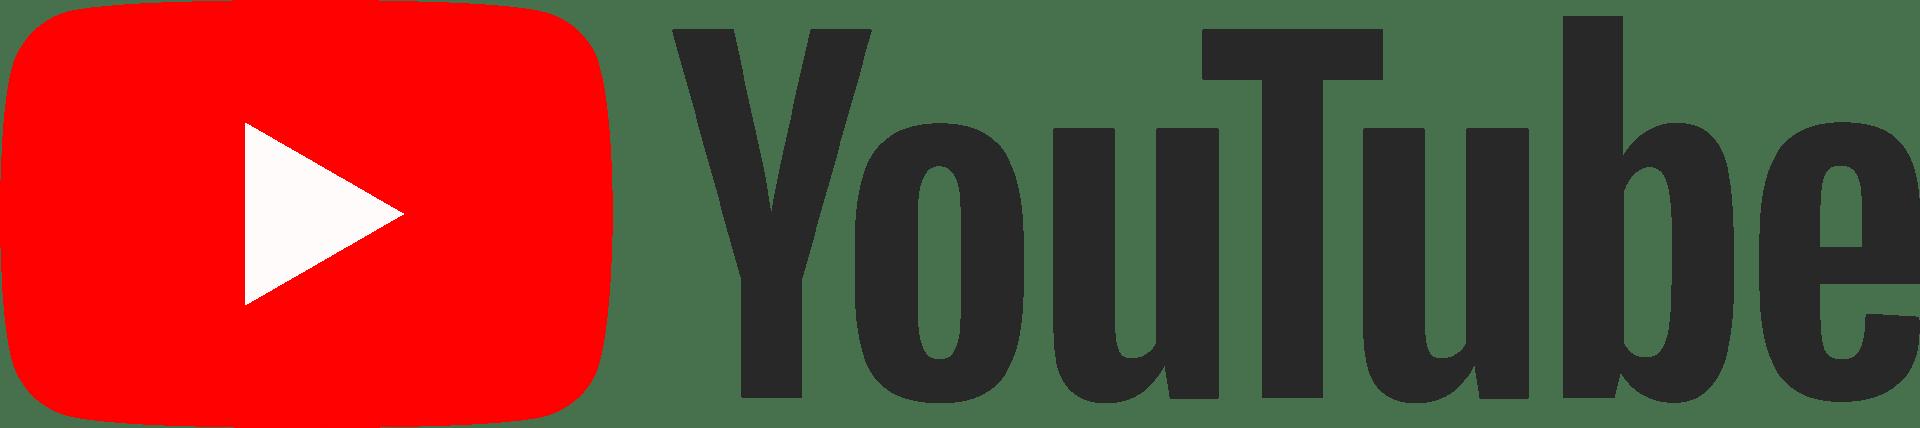 Nová funkce na YouTube. Dejte si od sledování videií pauzu